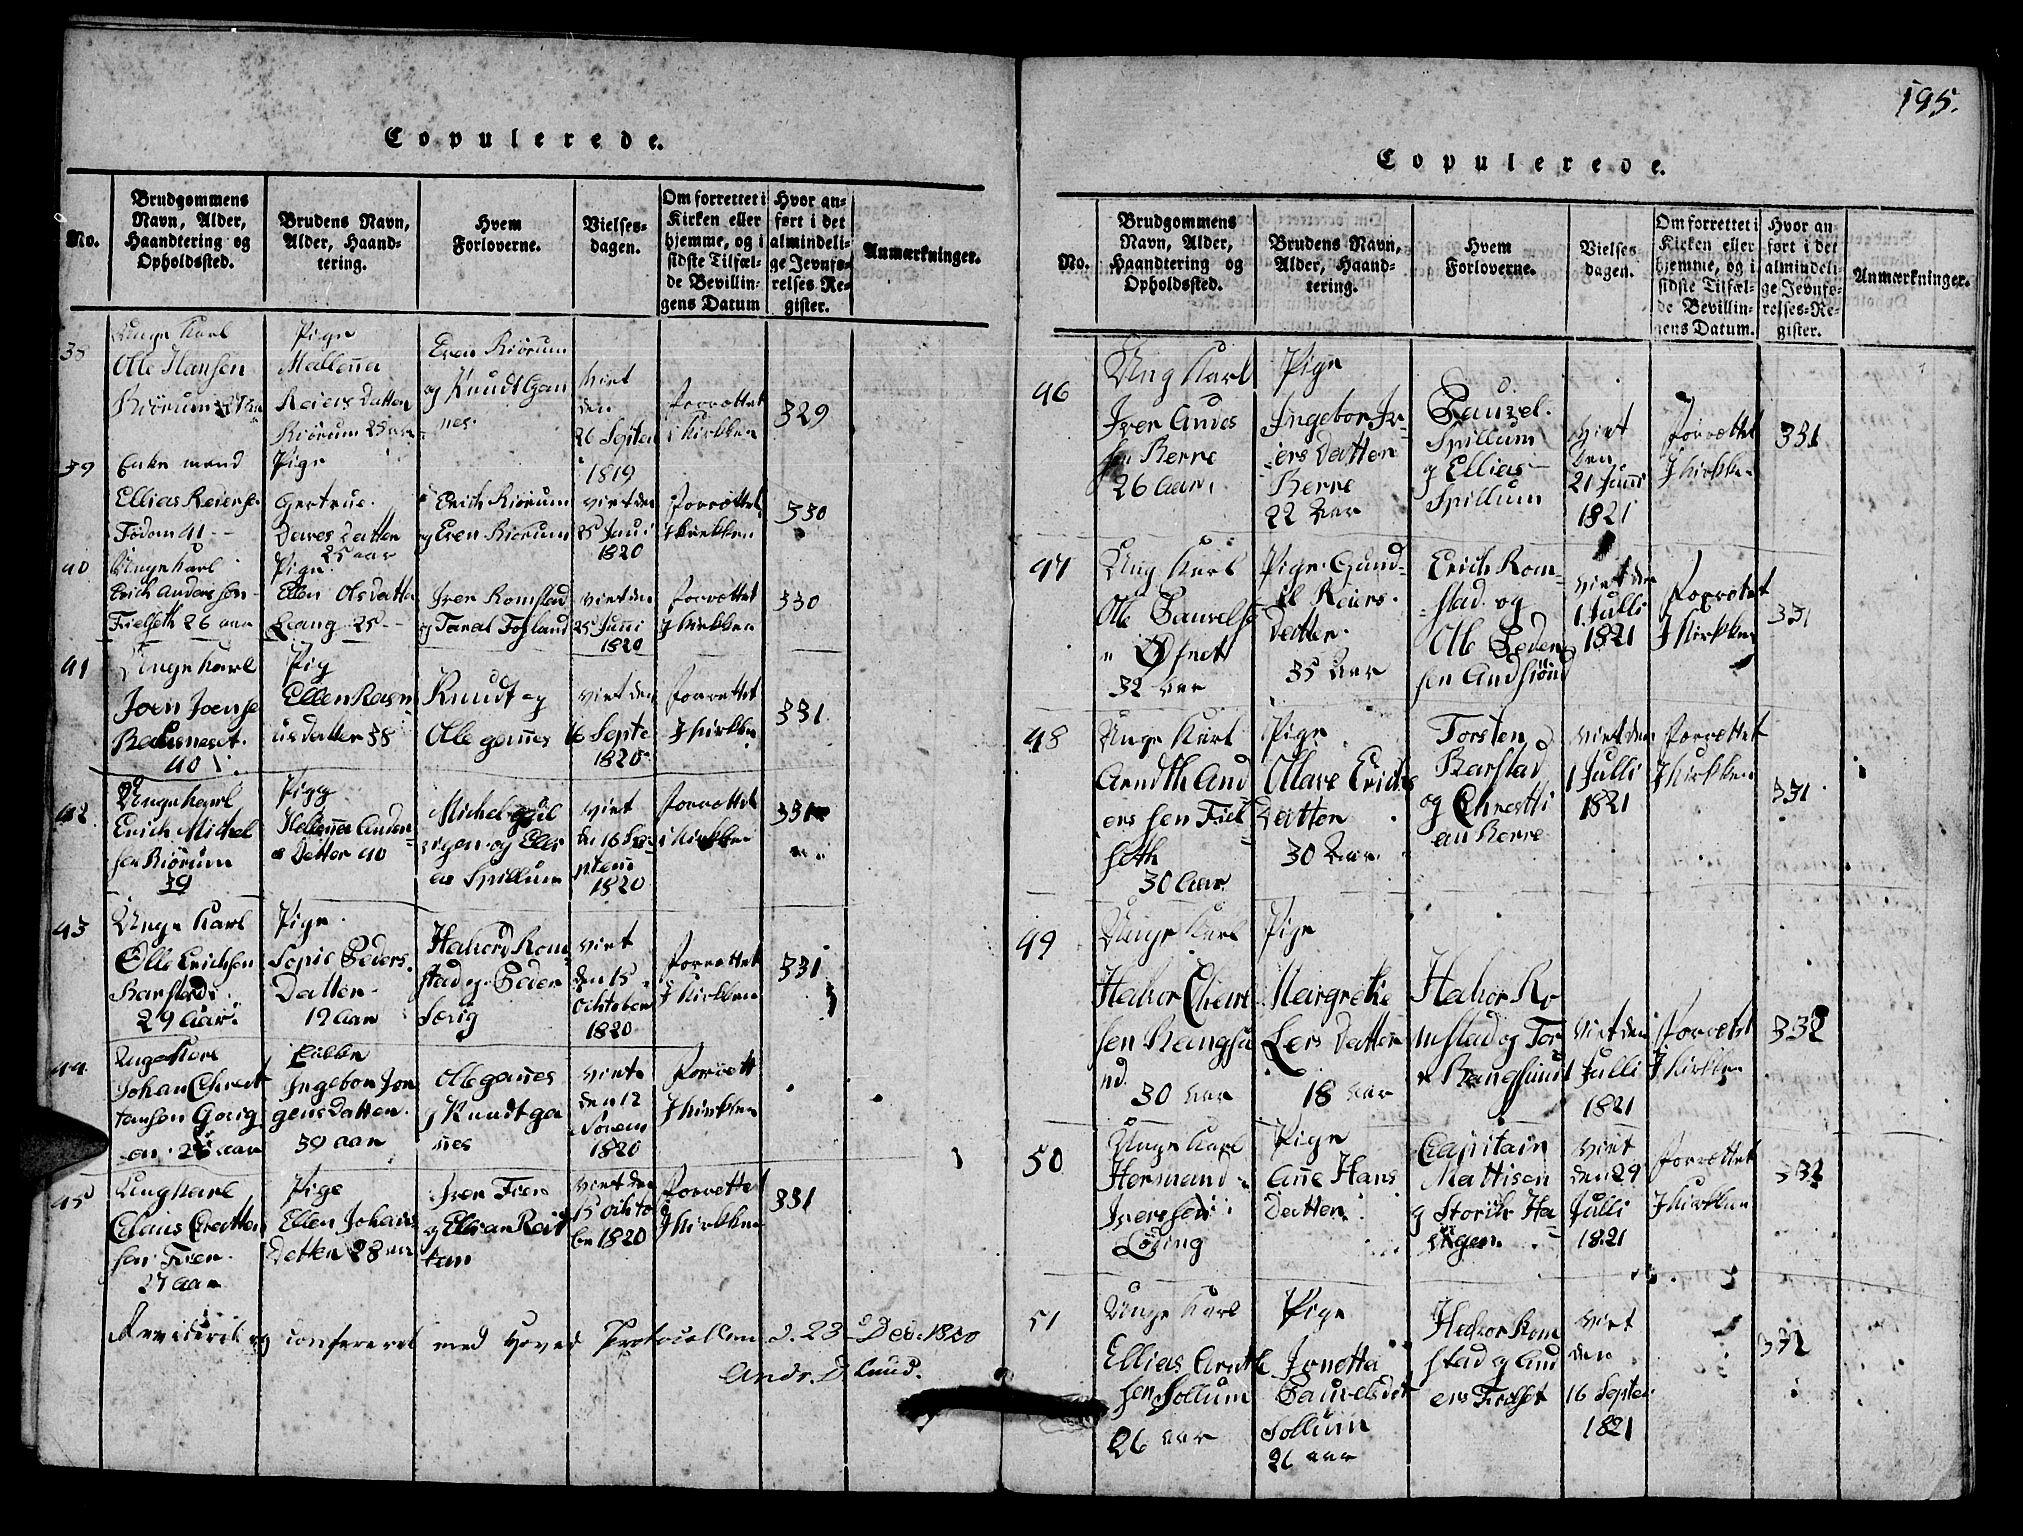 SAT, Ministerialprotokoller, klokkerbøker og fødselsregistre - Nord-Trøndelag, 770/L0590: Klokkerbok nr. 770C01, 1815-1824, s. 195